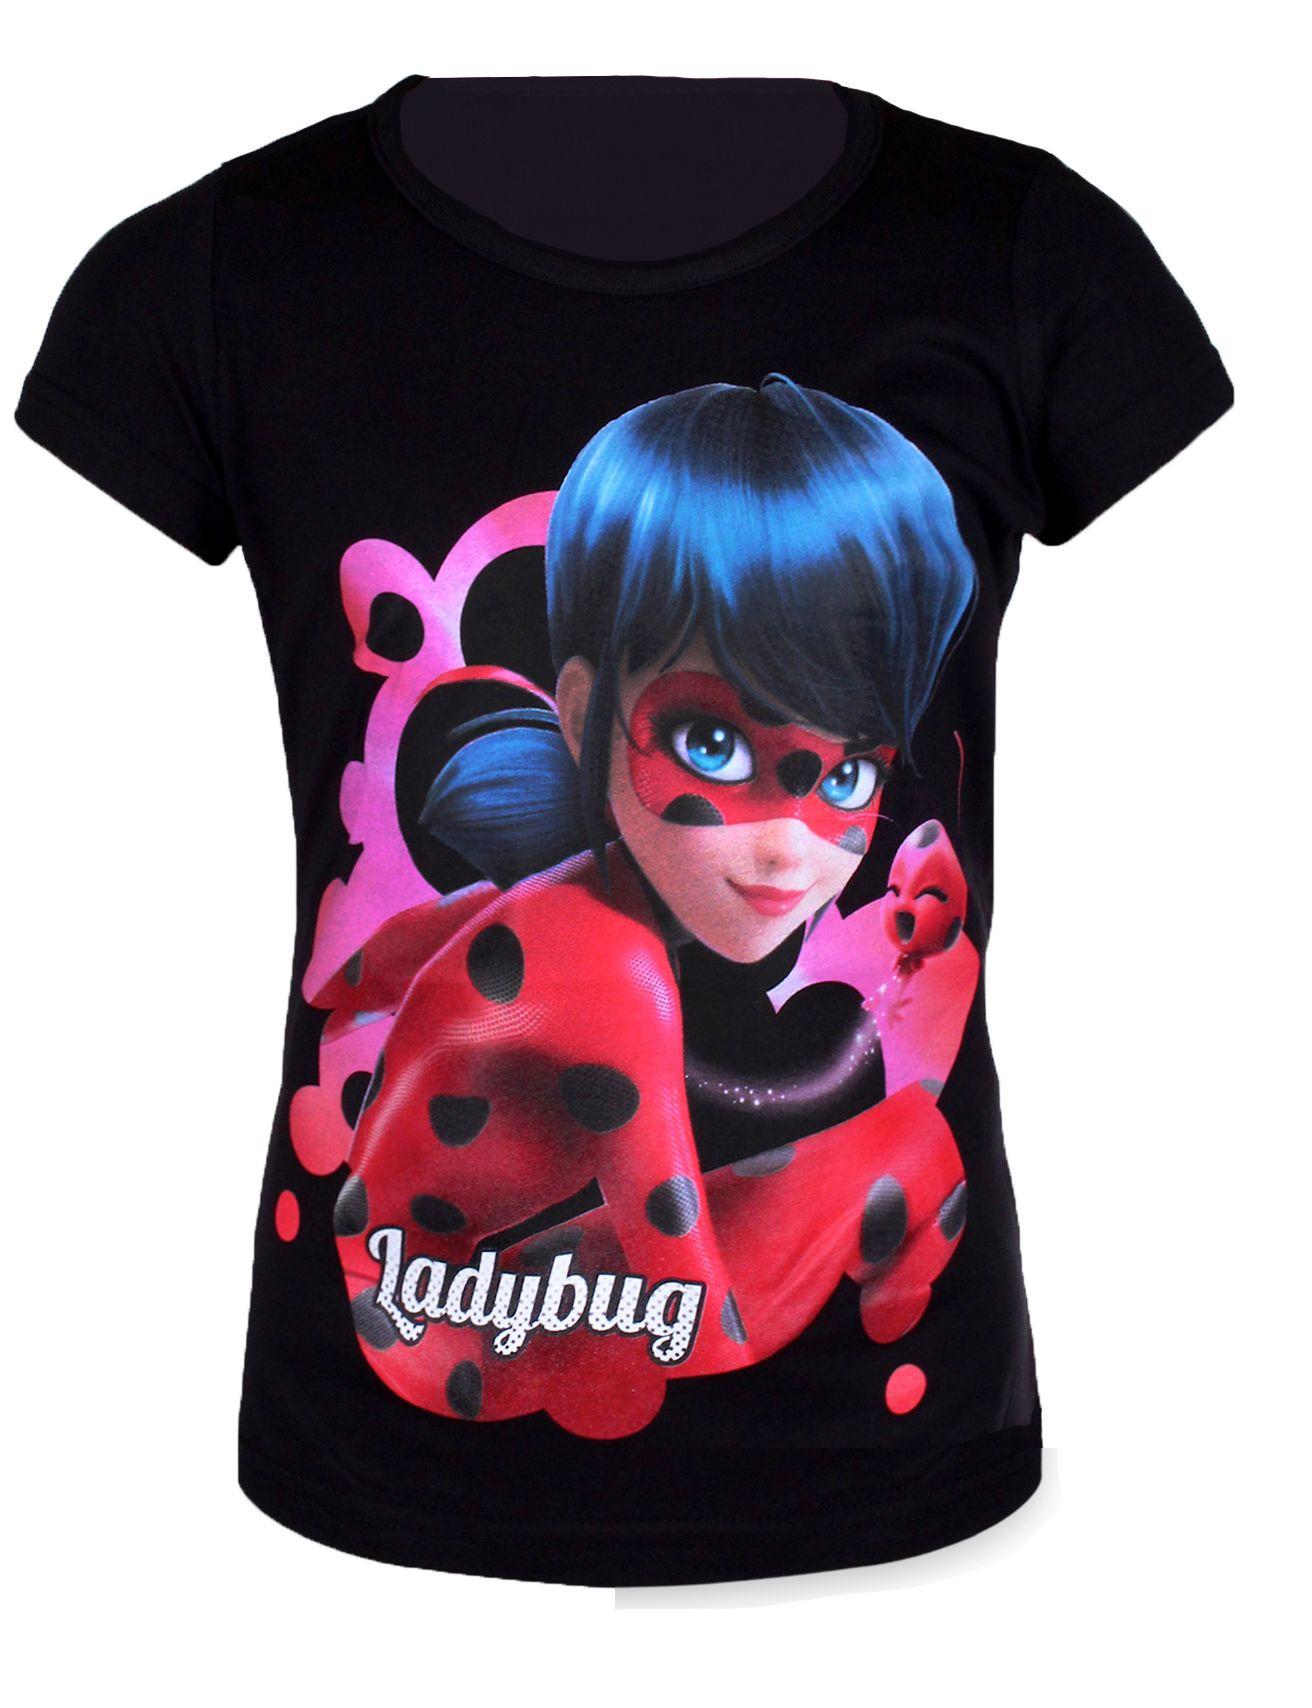 06d60a6904d0 Miraculous Ladybug T Shirt #ladybug #tshirt #girlsclothing #kidsclothing